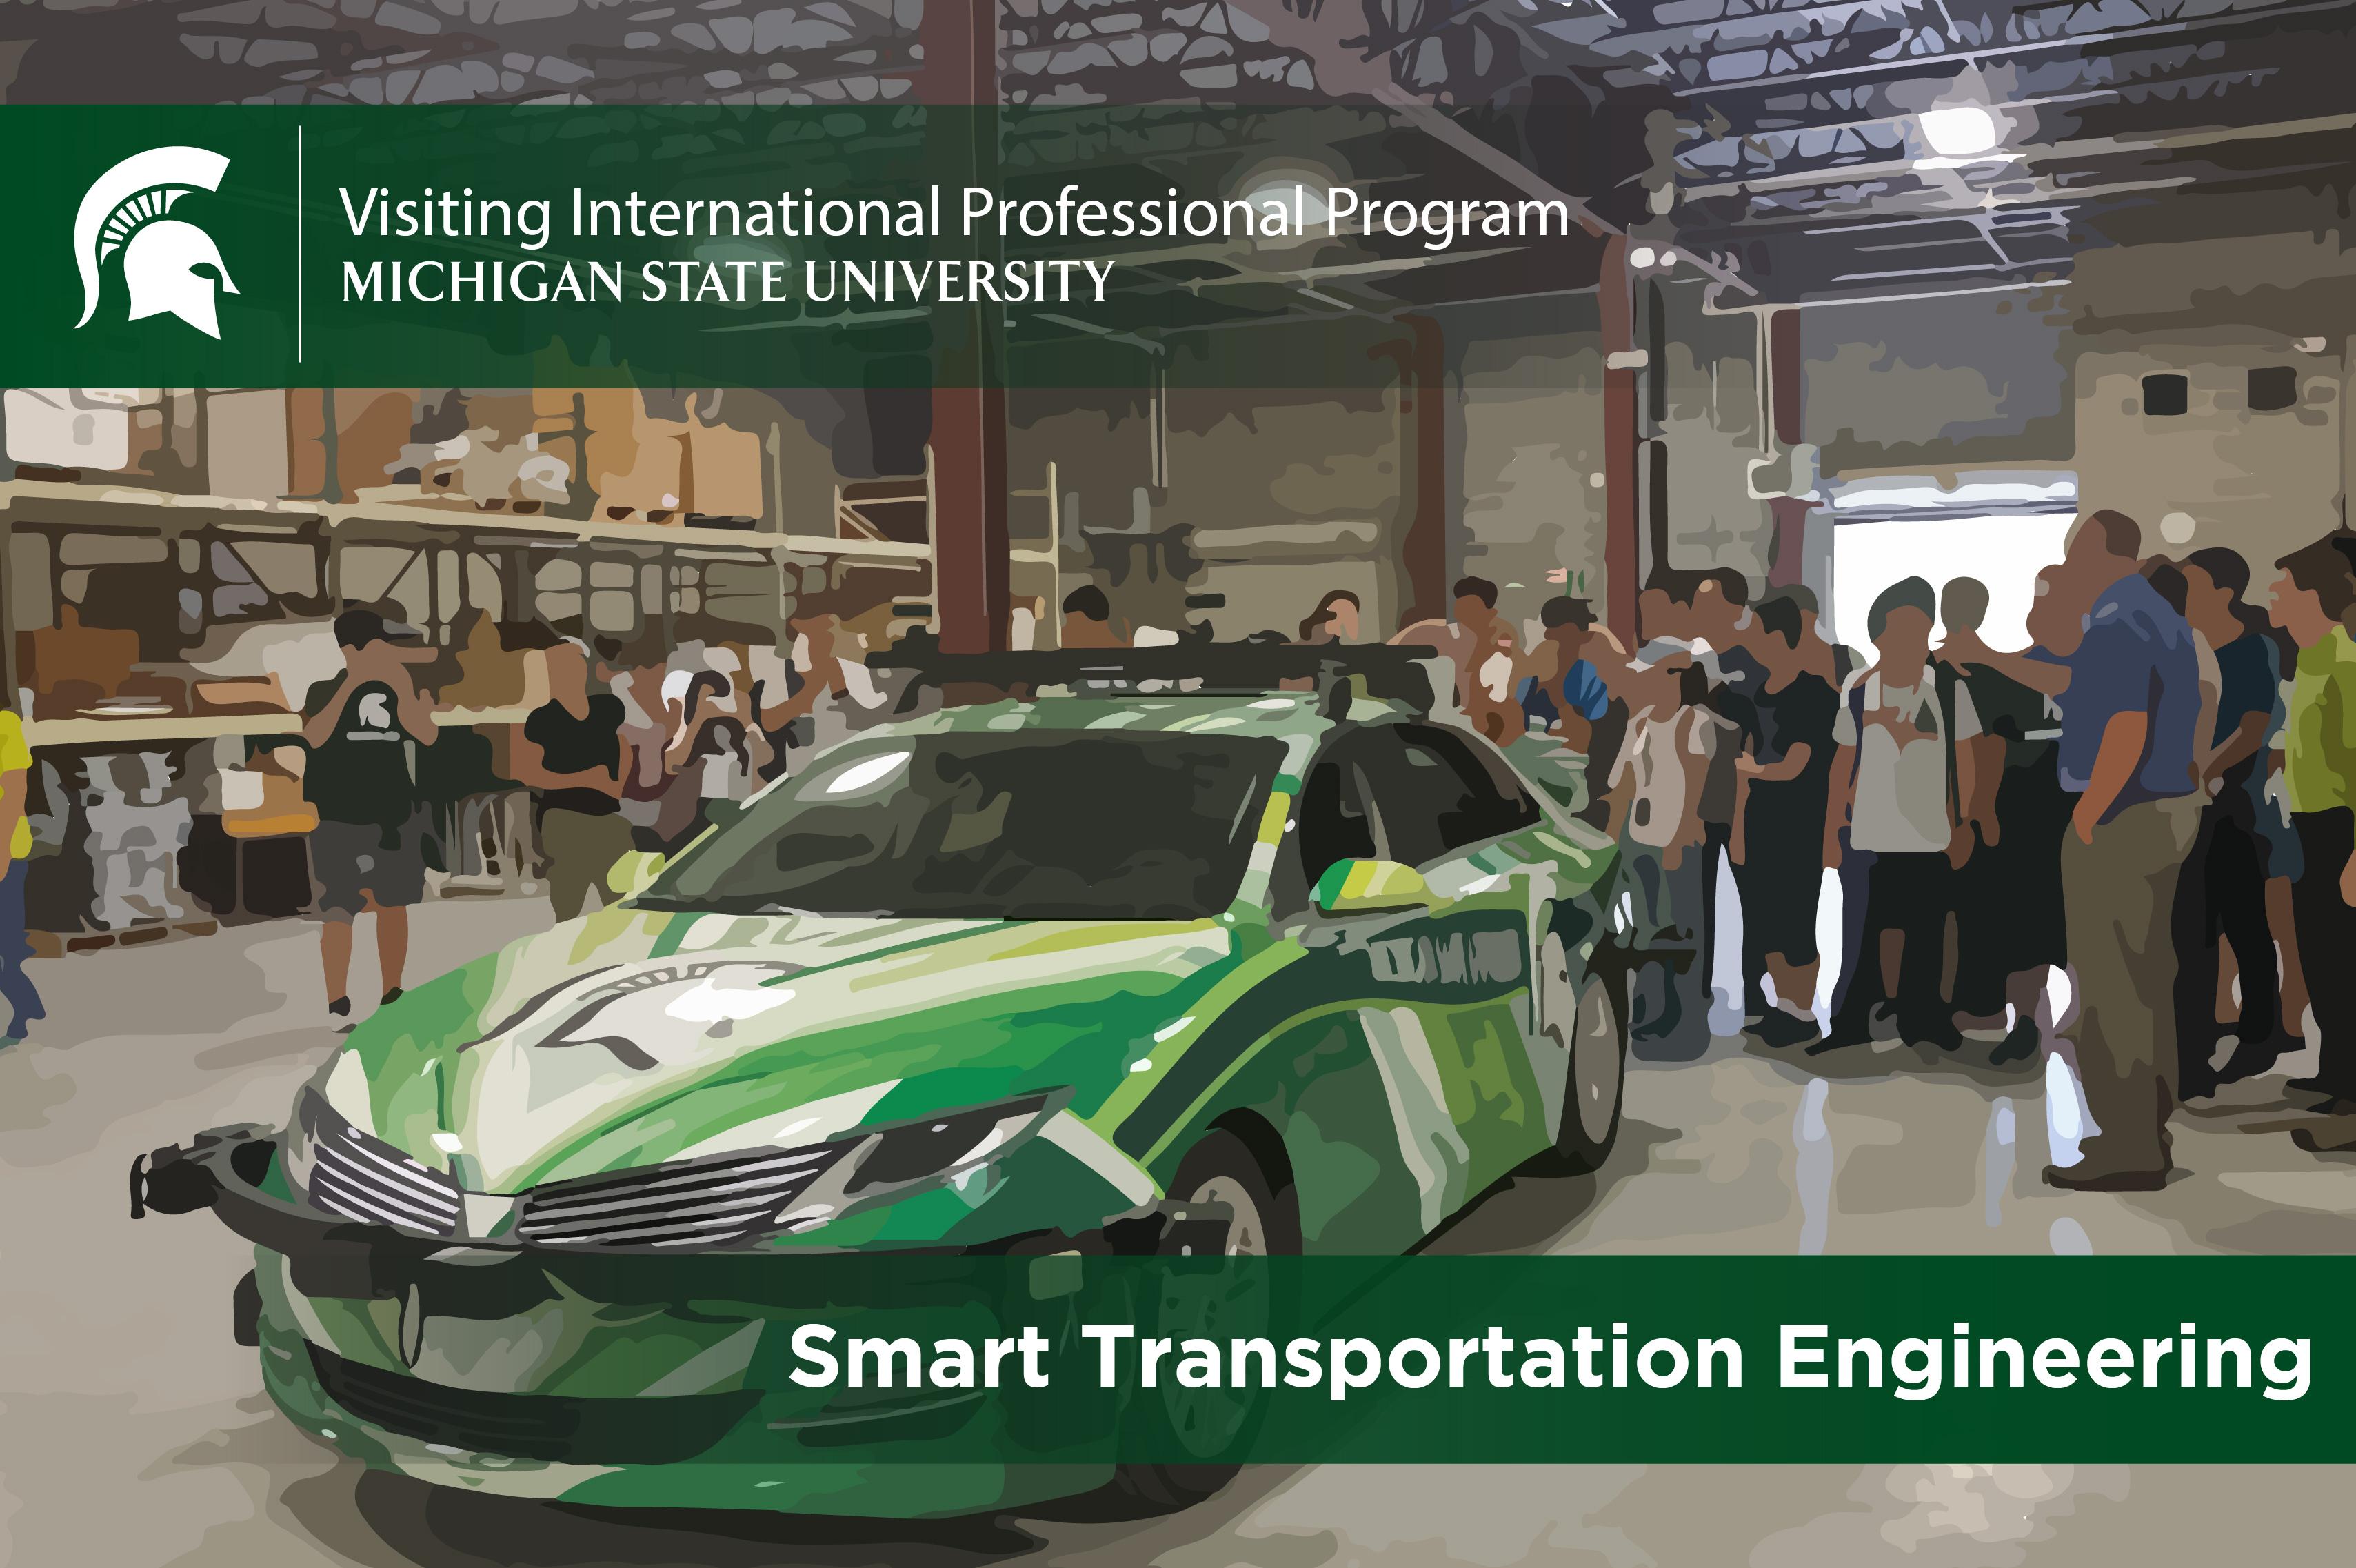 Smart Transportation Engineering